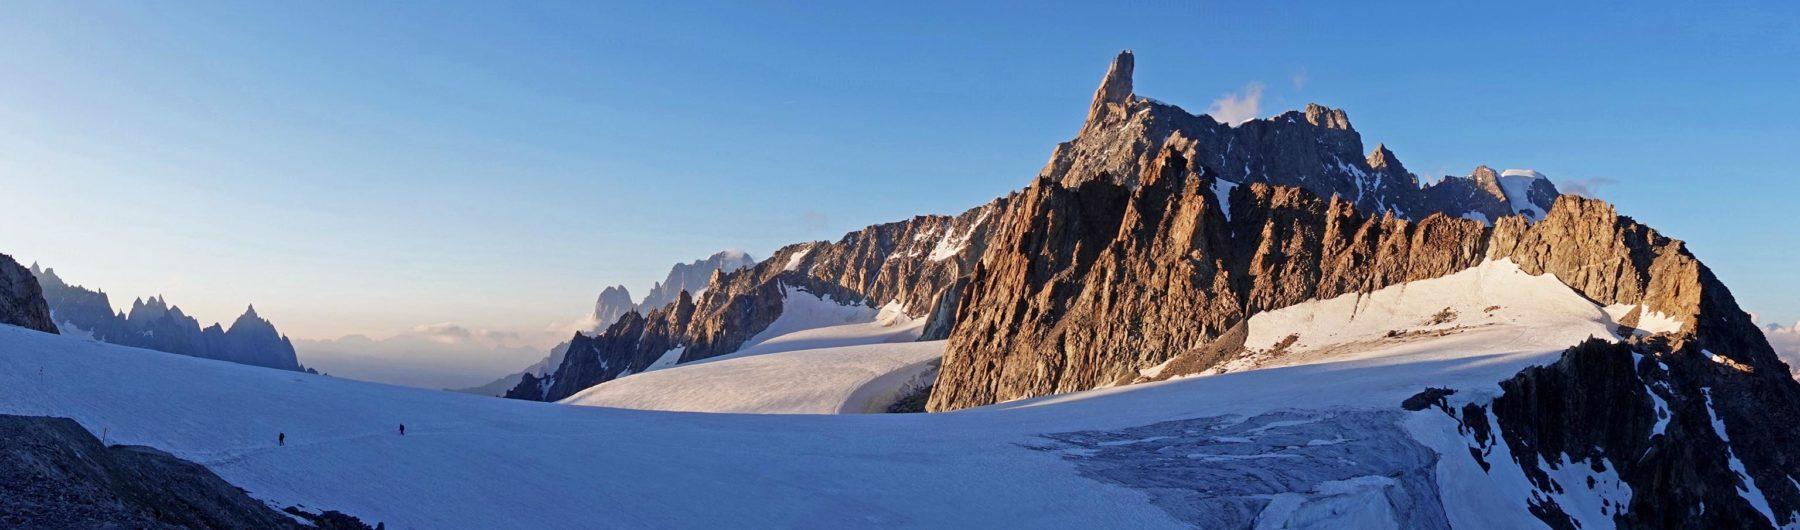 Hochtouren und Eisklettern mit Bergführer - einsame Hochtouren, lehrreiche Hochtourenkurs mit Profis und genussvolle Geheimtipps, Eiskletterkurse und geführtes Eisklettern bei Animont